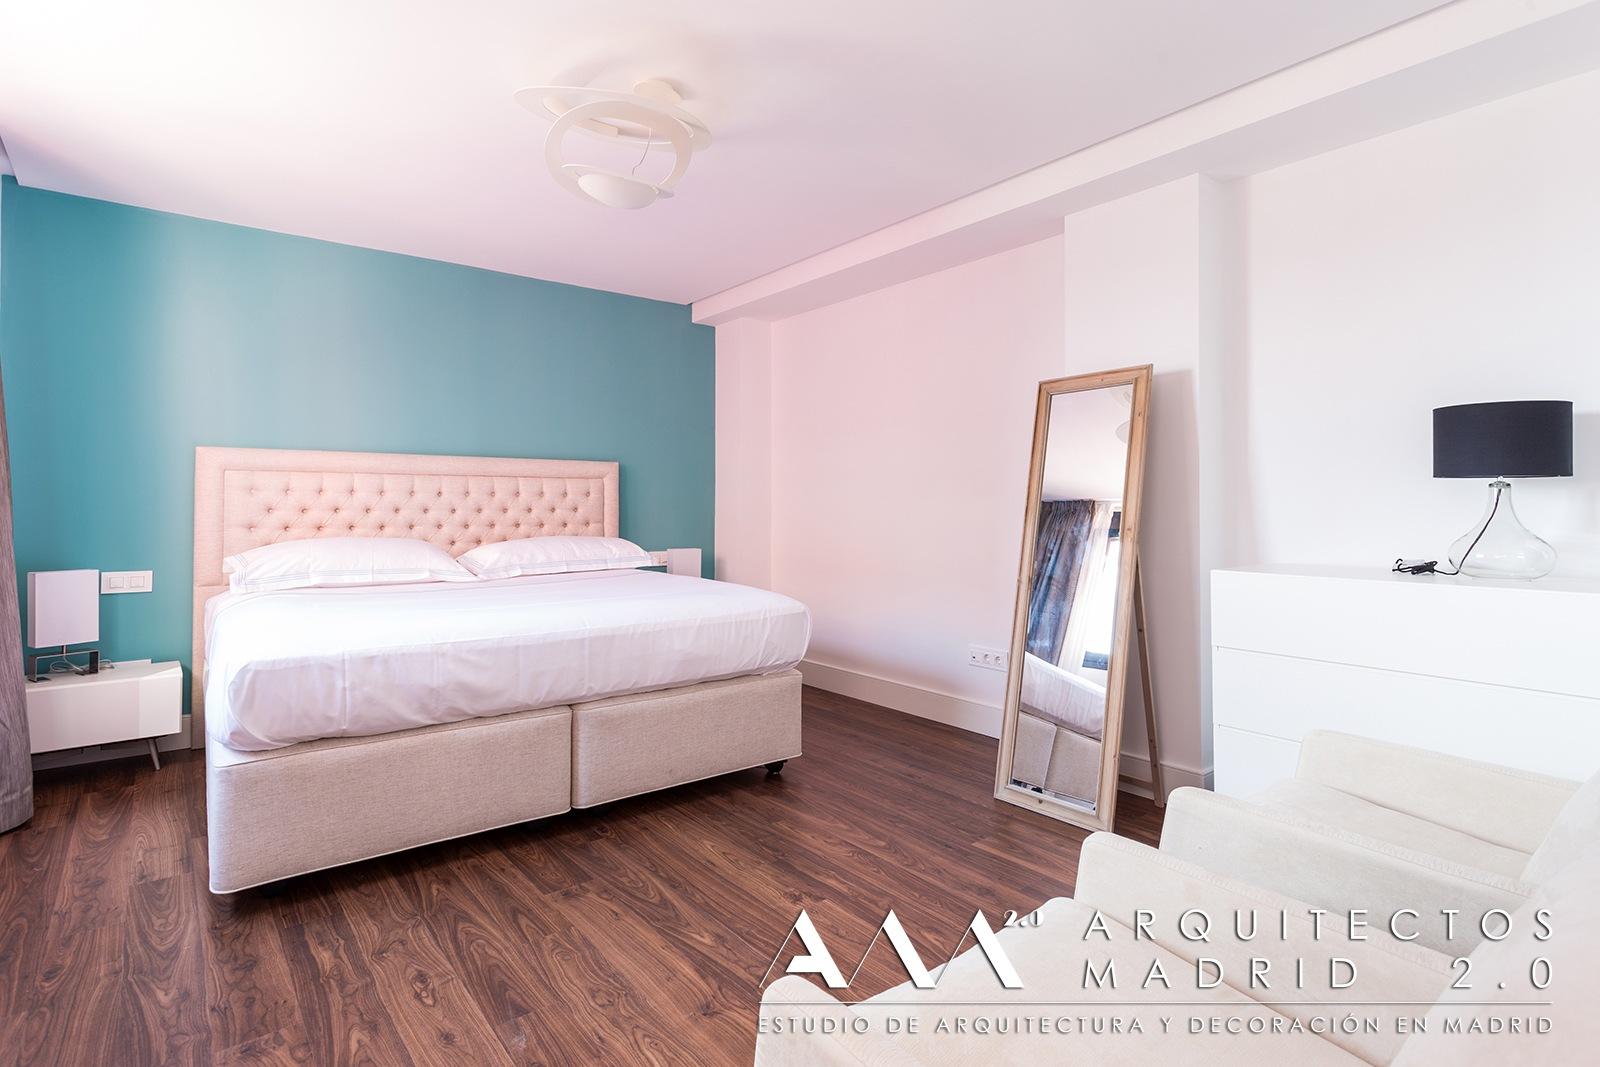 reforma-vivienda-de-diseno-dormitorio-por-arquitectos-madrid-34